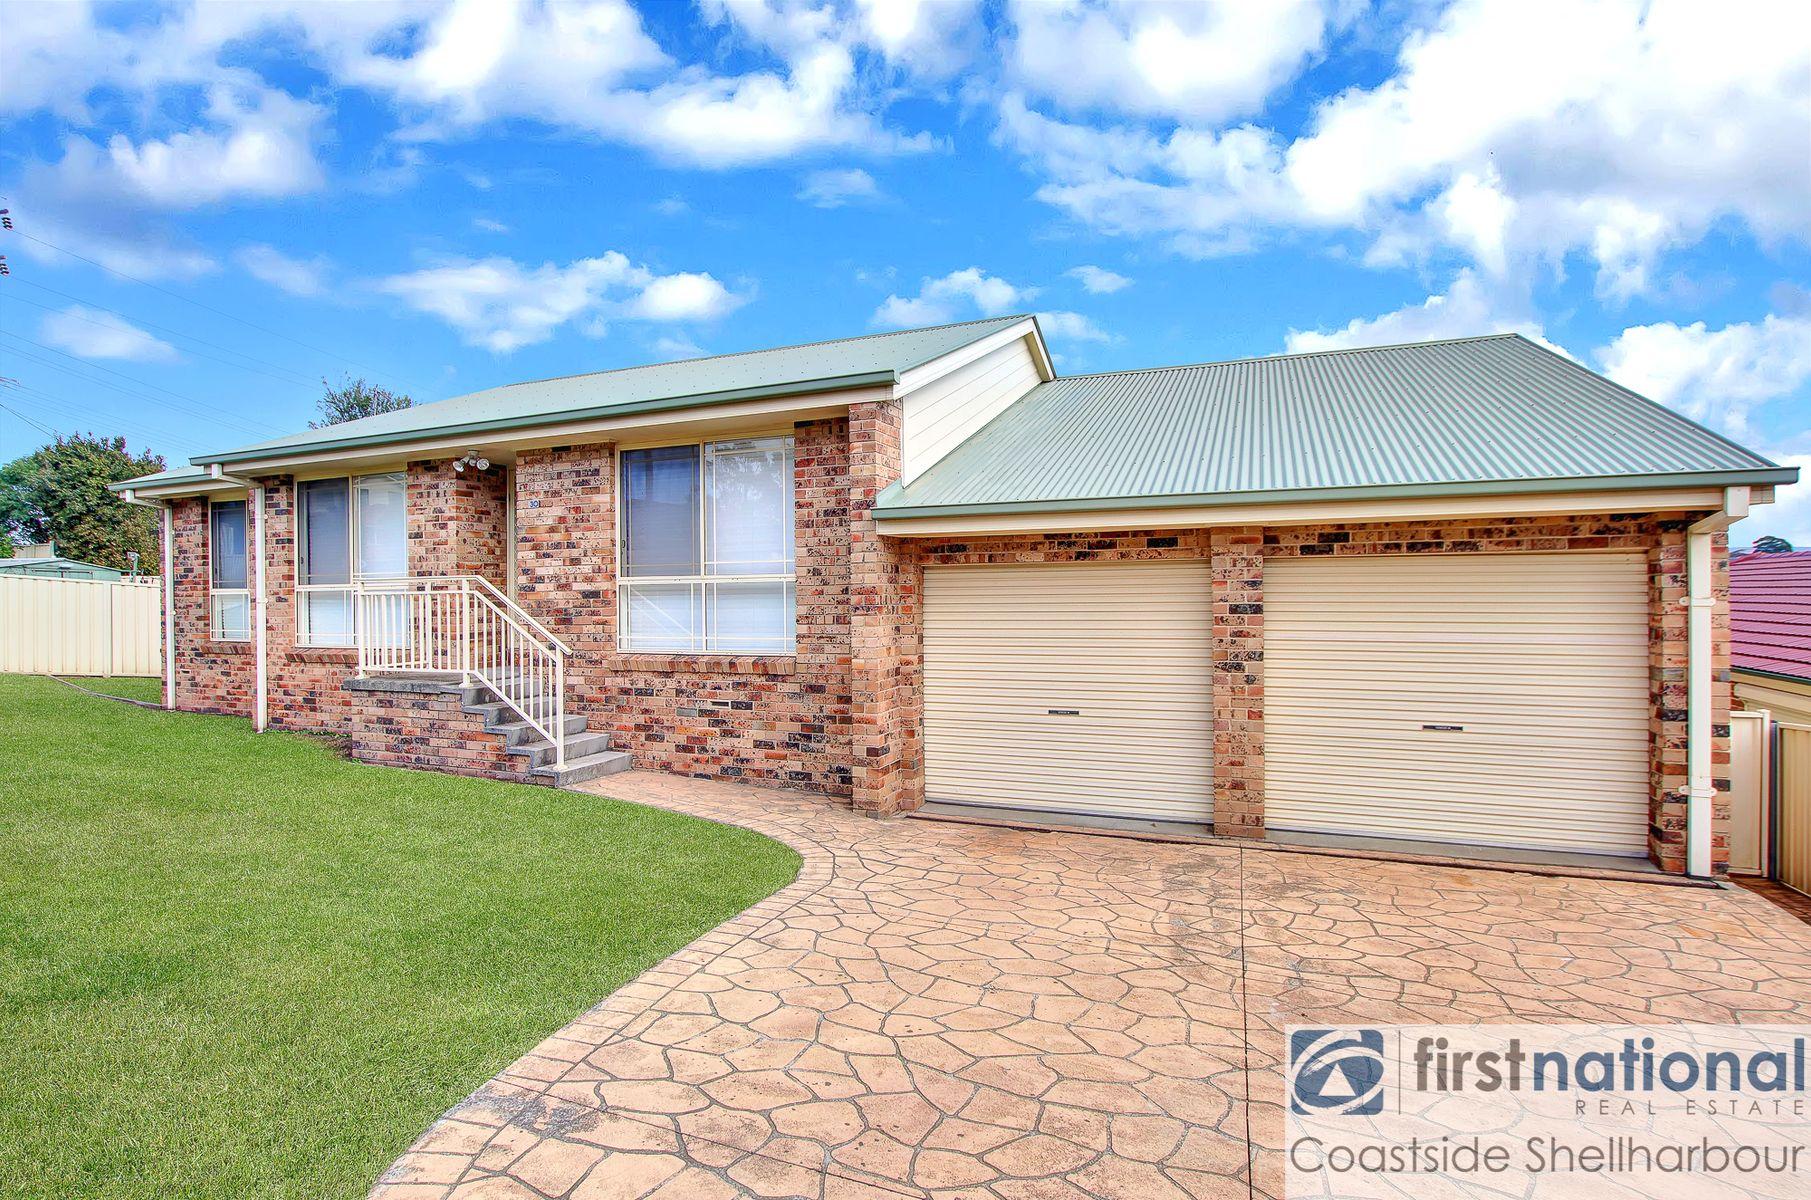 30 Brunderee Road, Flinders, NSW 2529